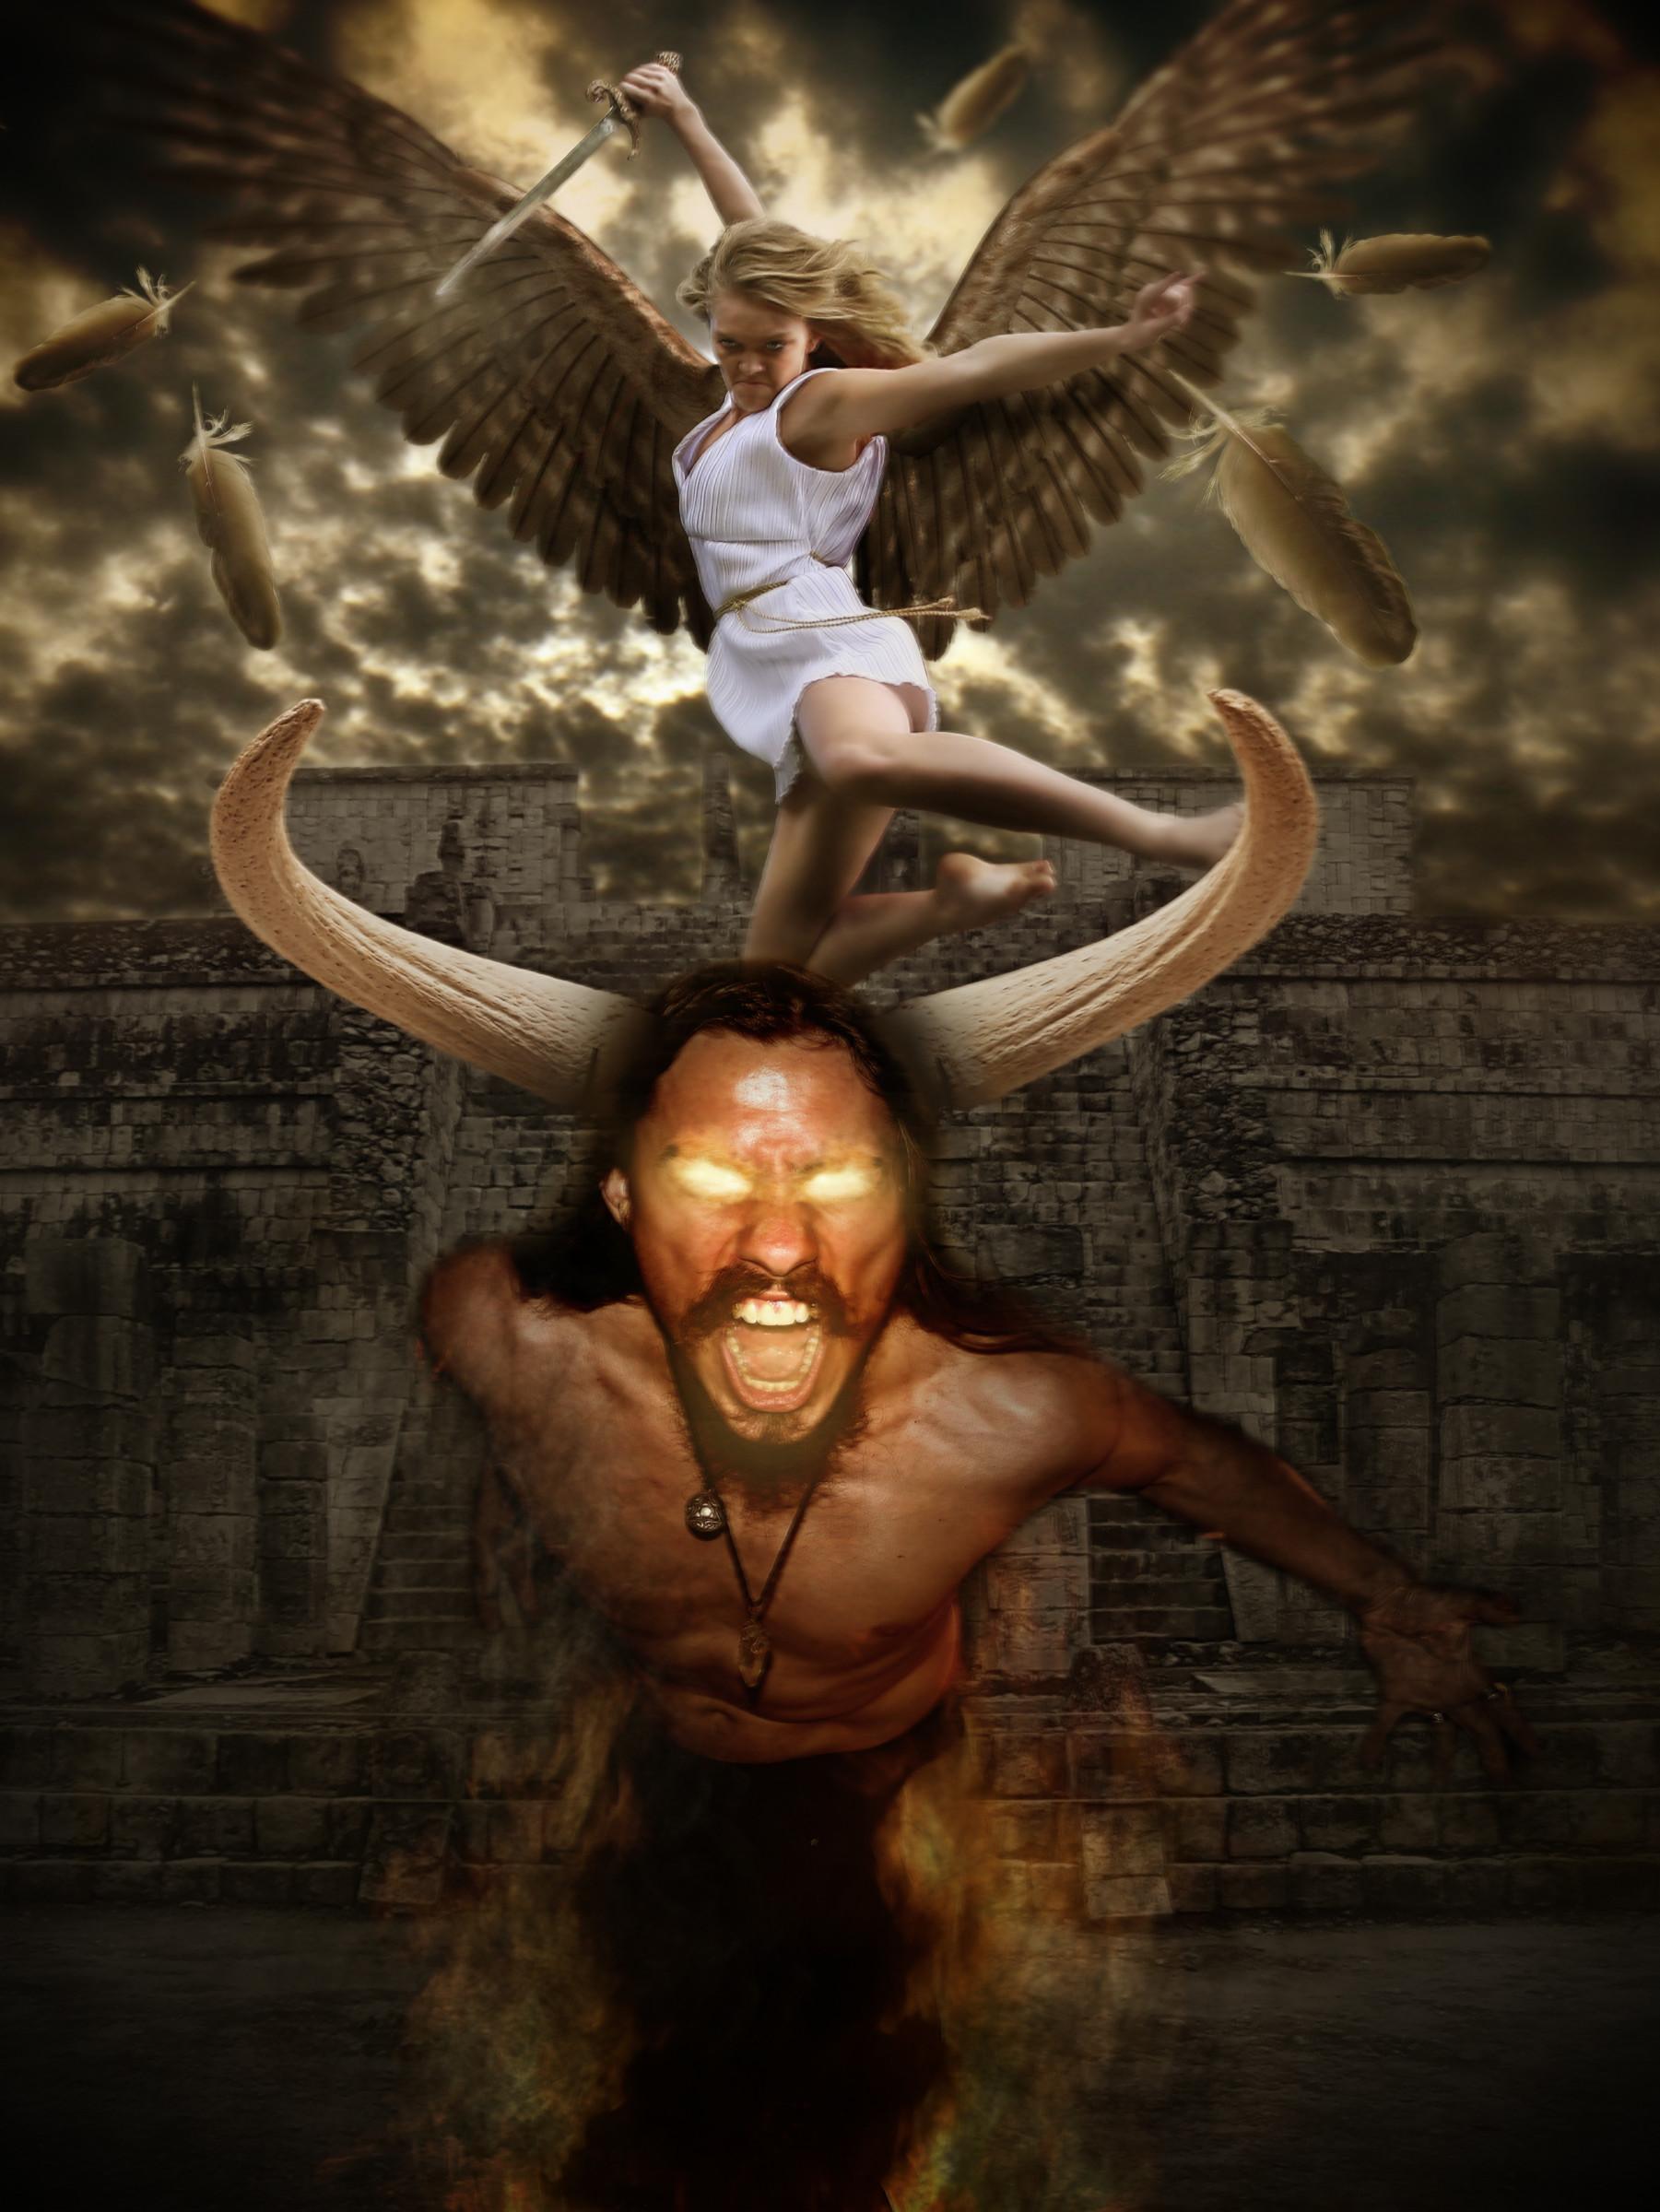 Angel vs Devil by Wolves-PSD on DeviantArt